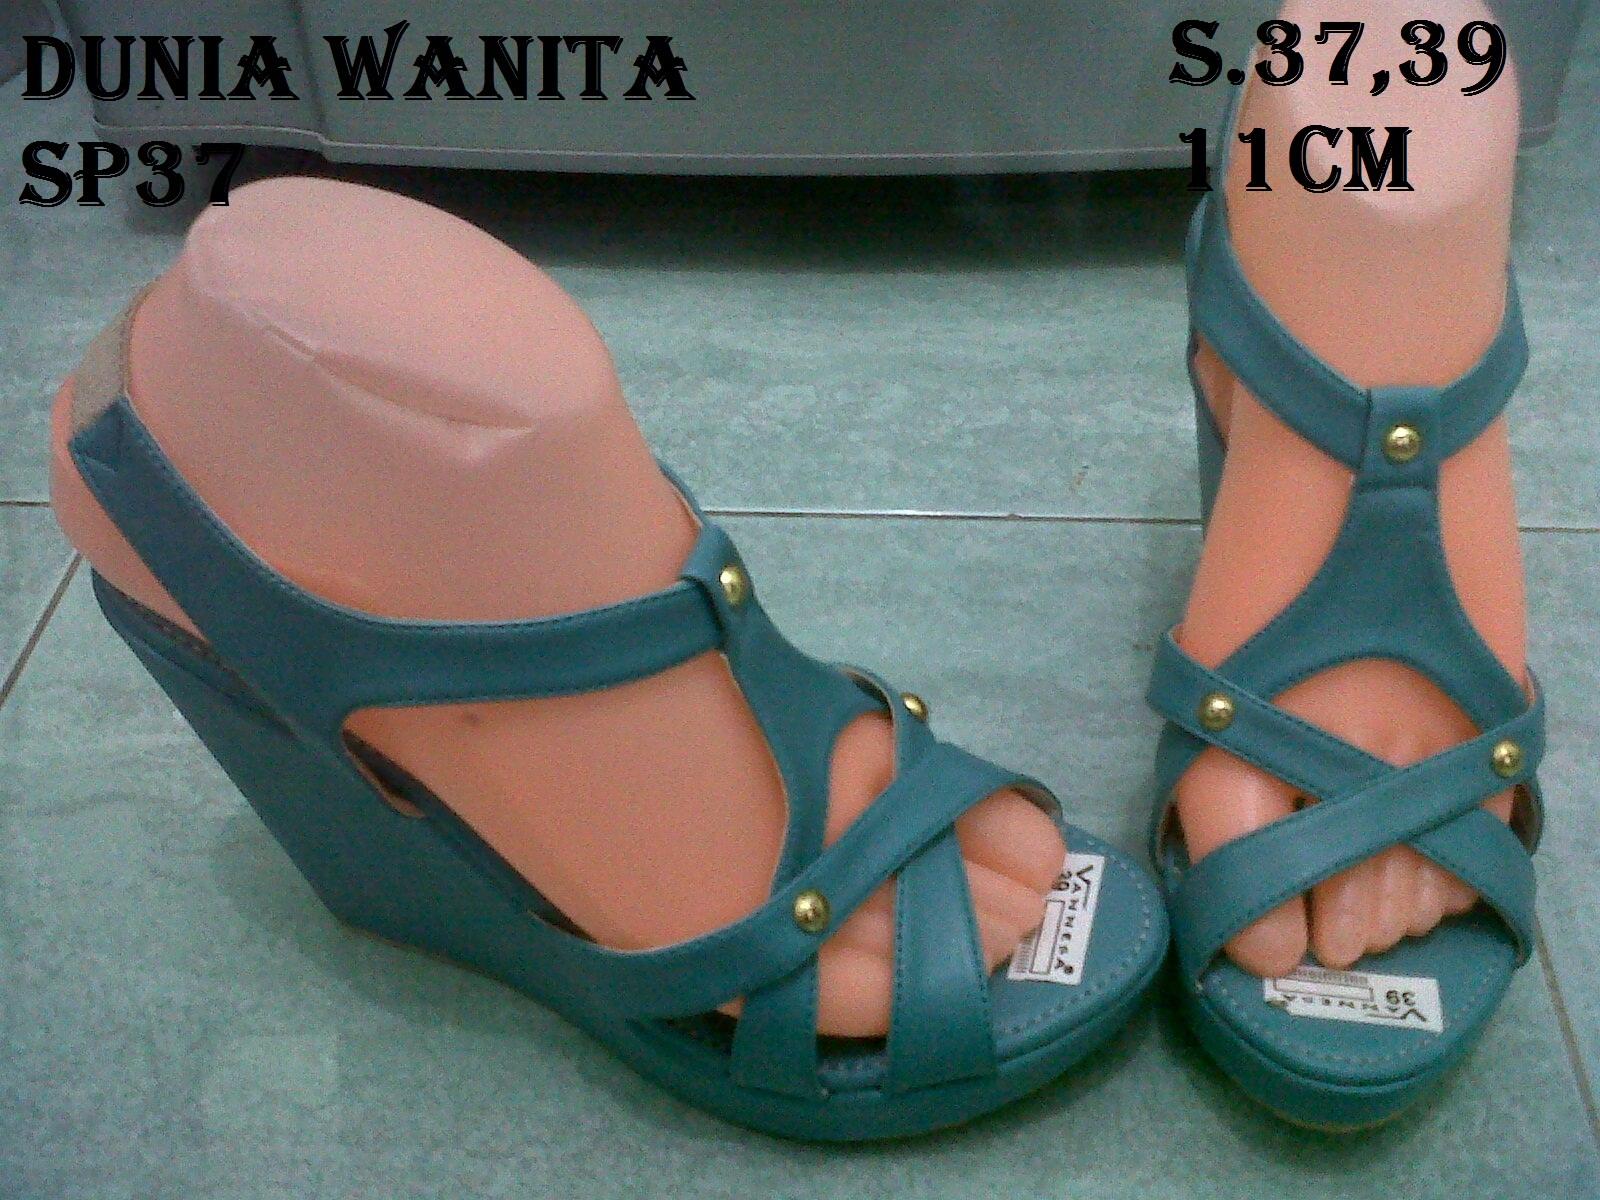 sepatu wanita murah,sandal wanita murah